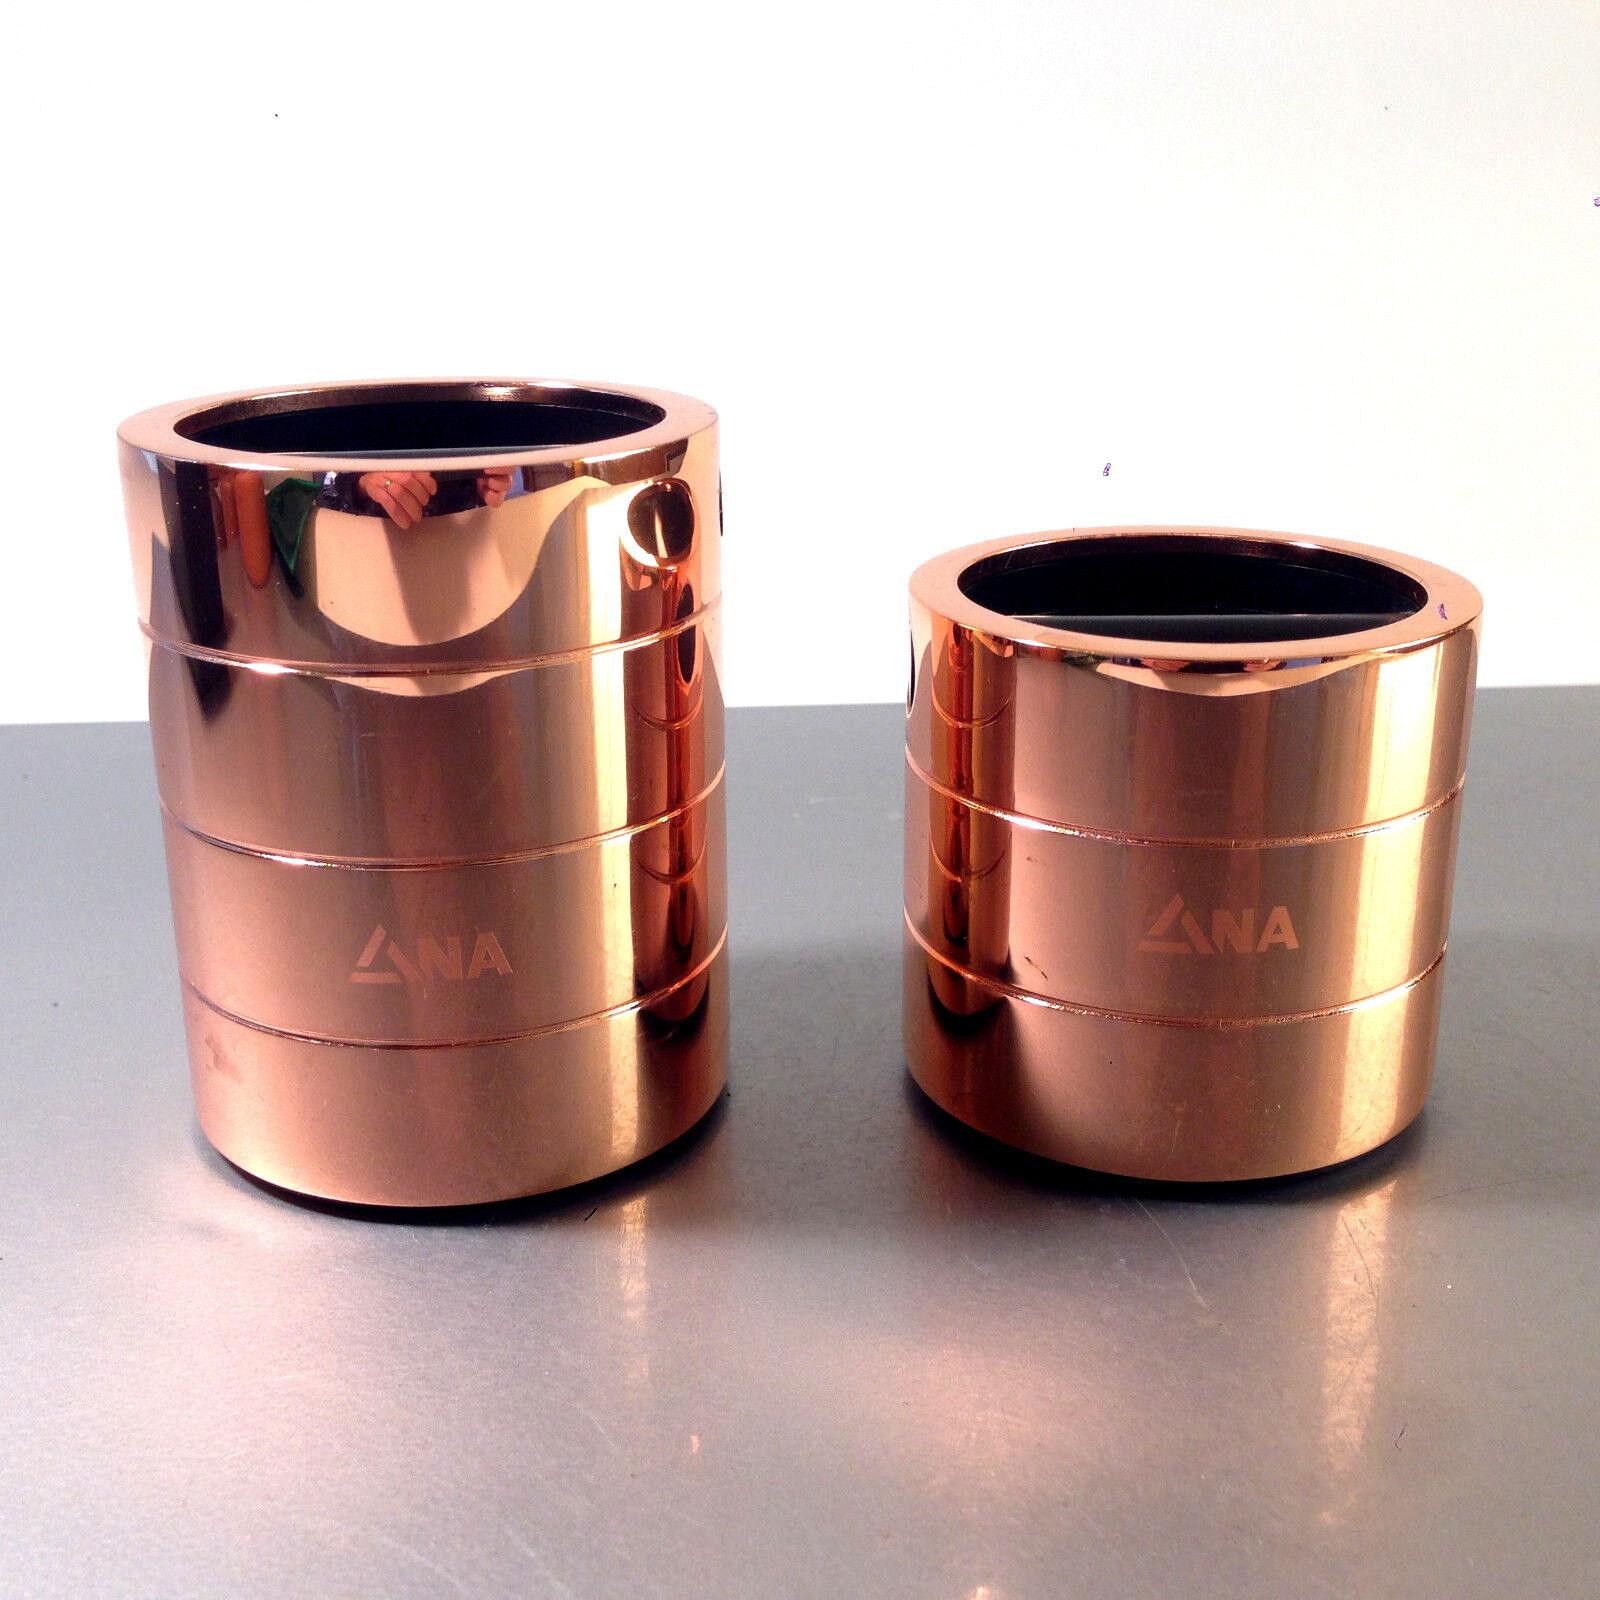 z105) LERCHE Waren Verarbeitung (mittlere) Exquisite | Form